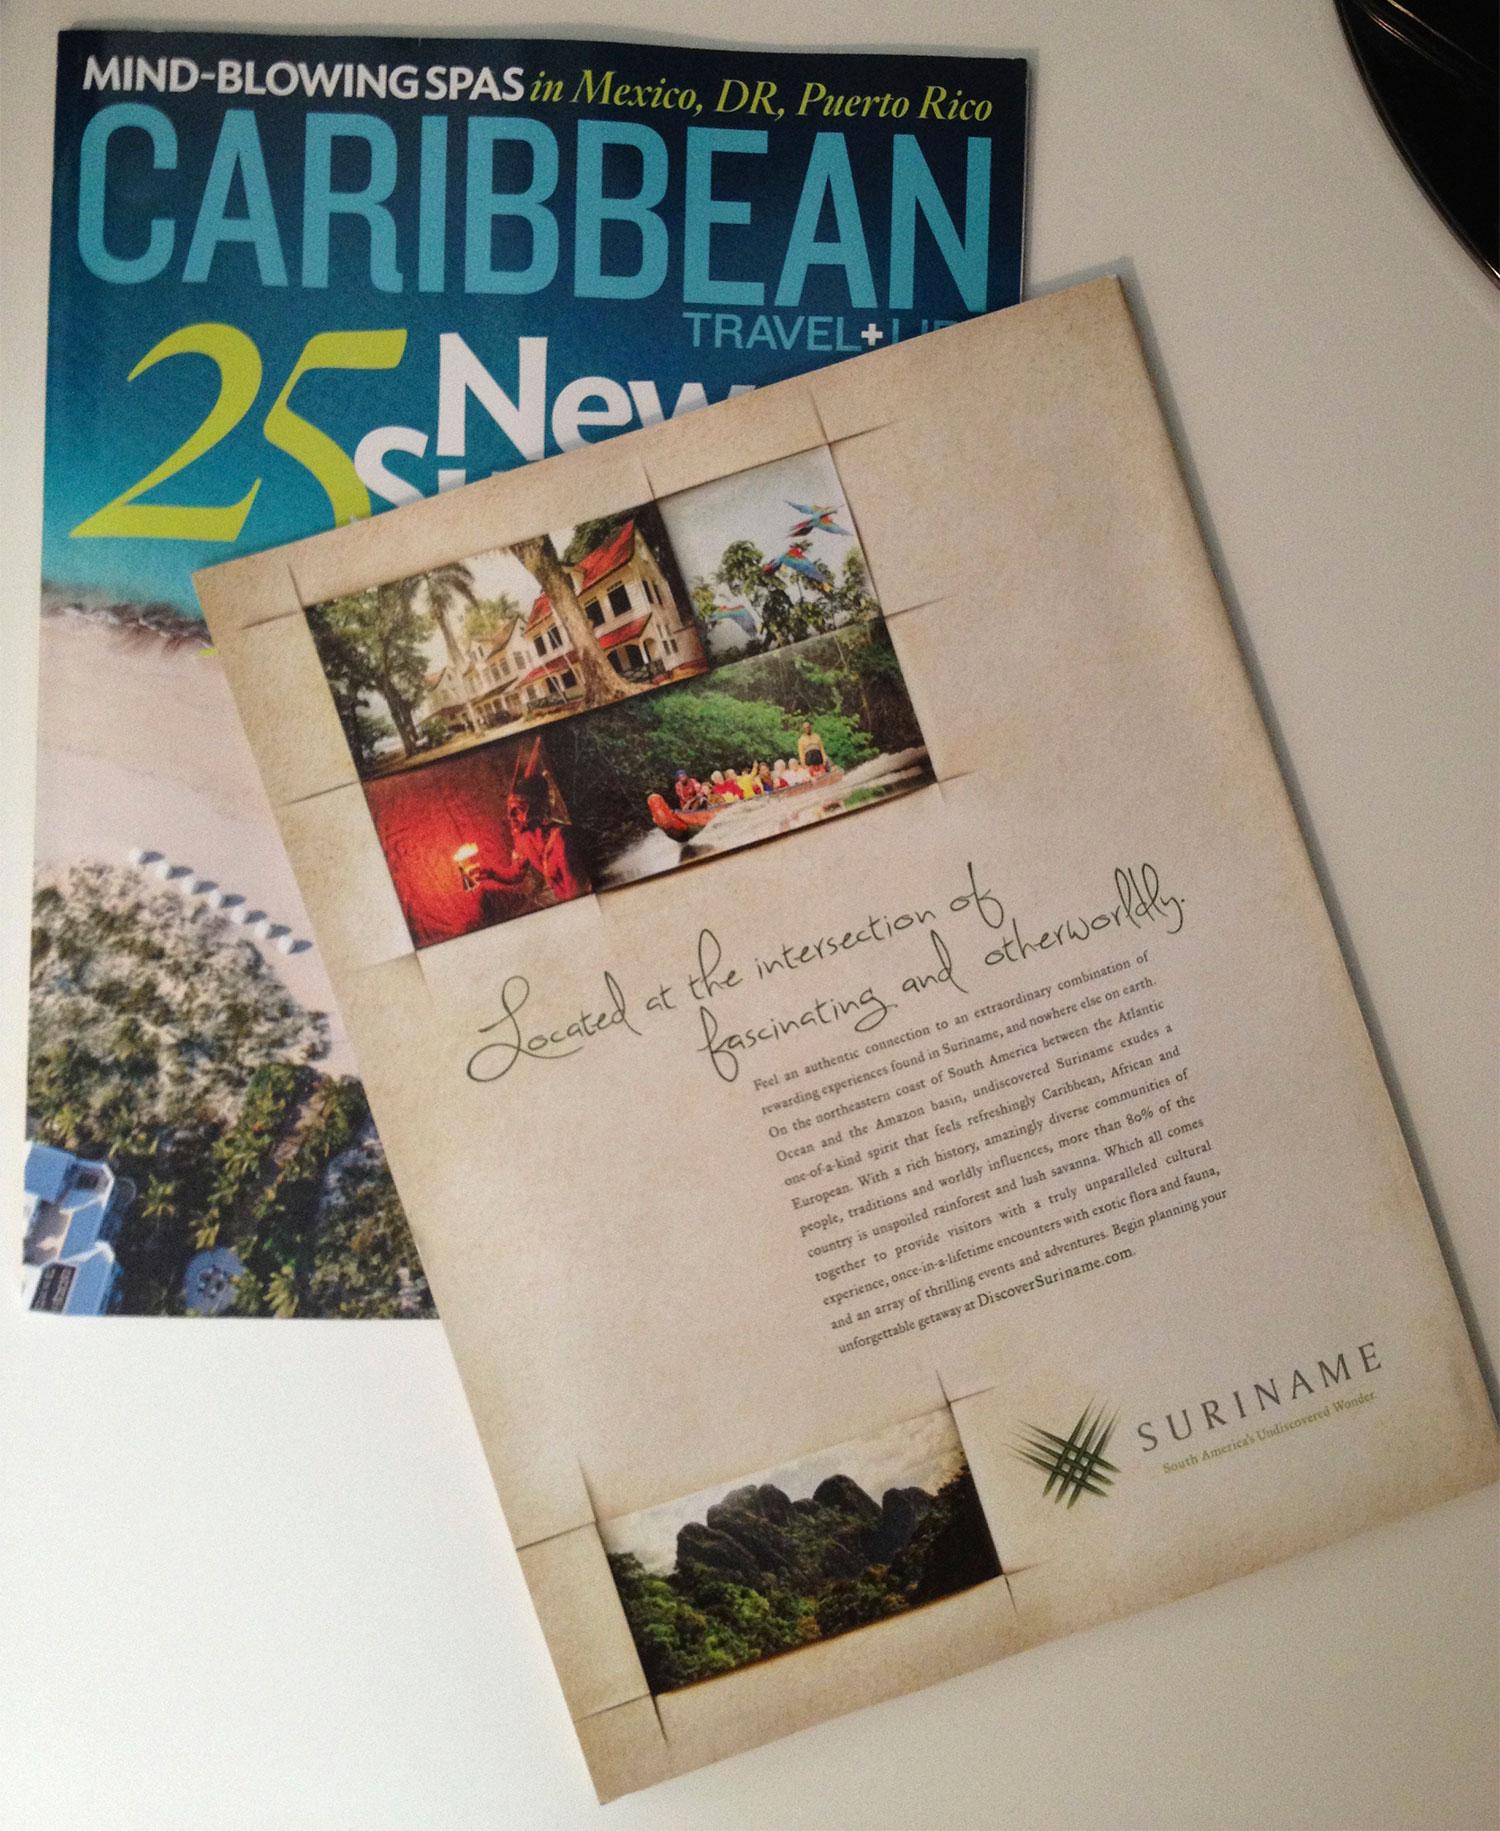 CaribbeanTravel